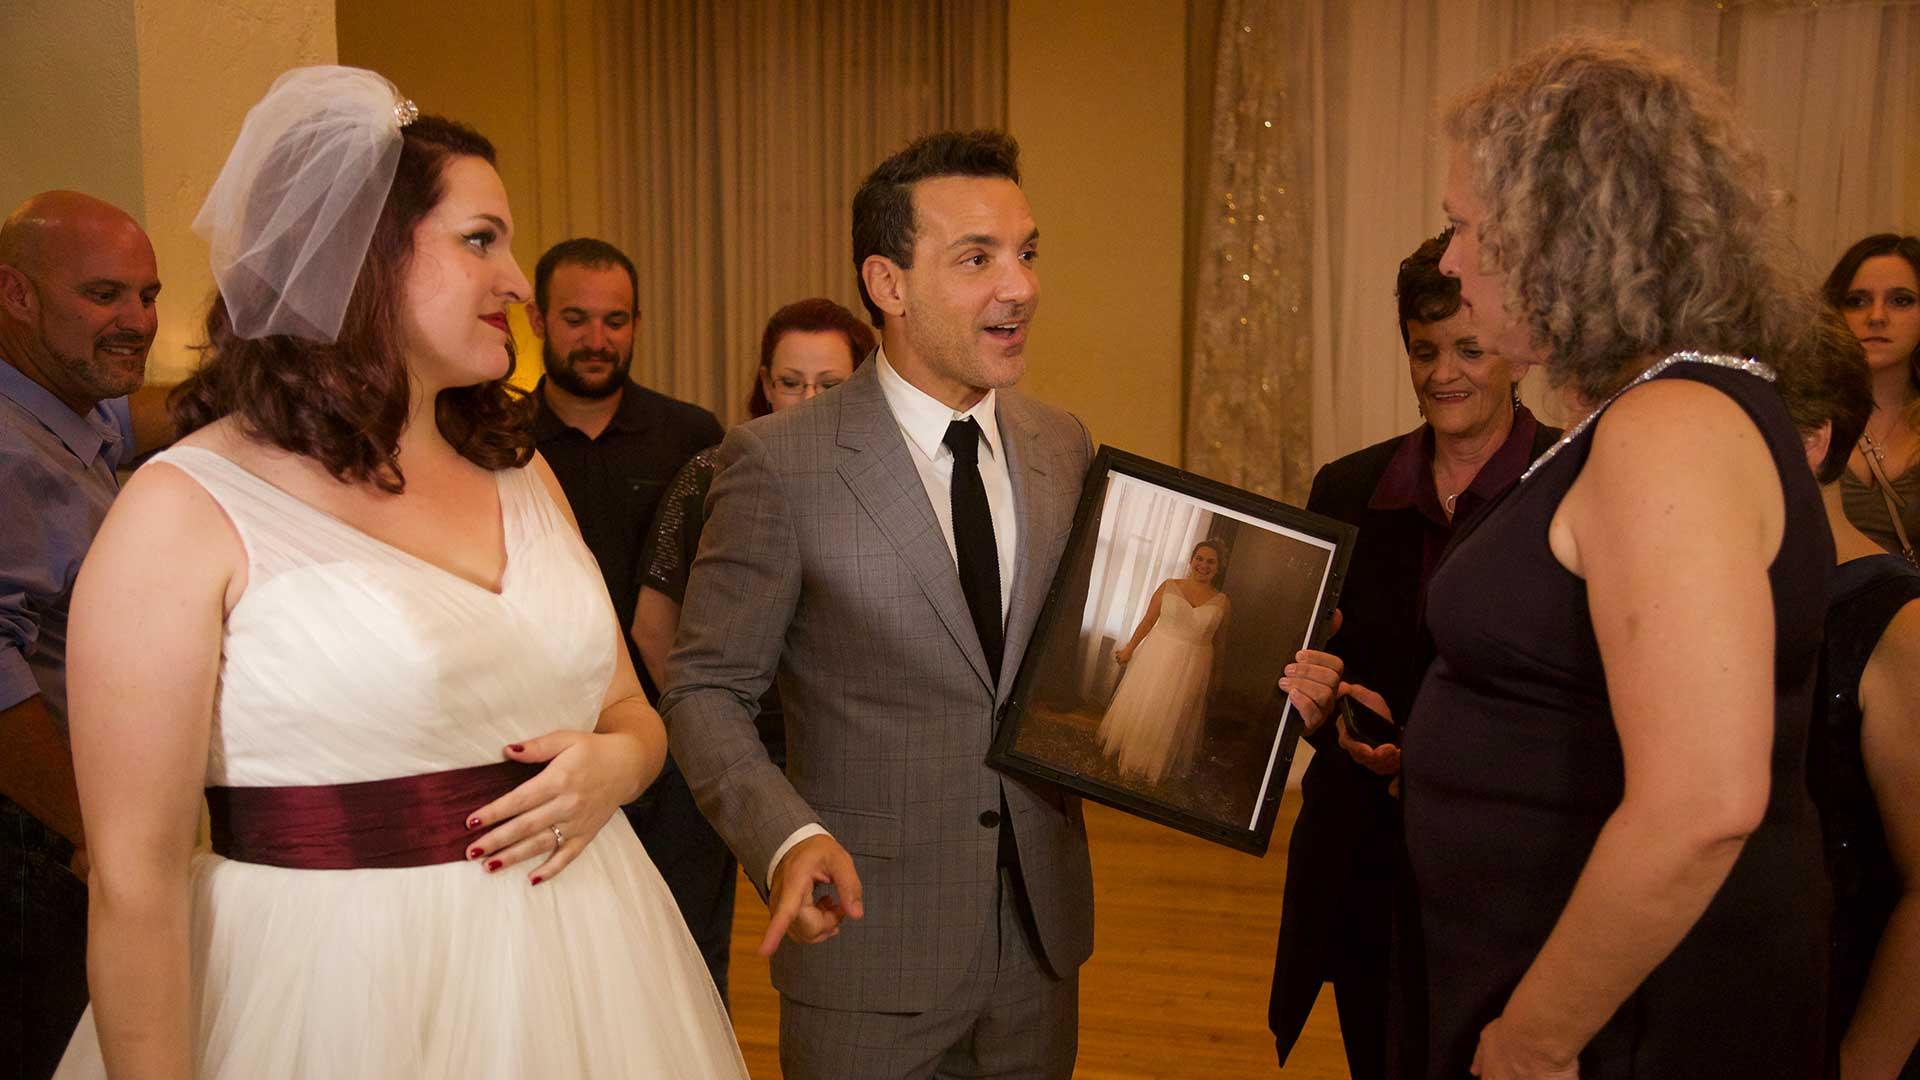 ¡Sí, quiero esa boda!